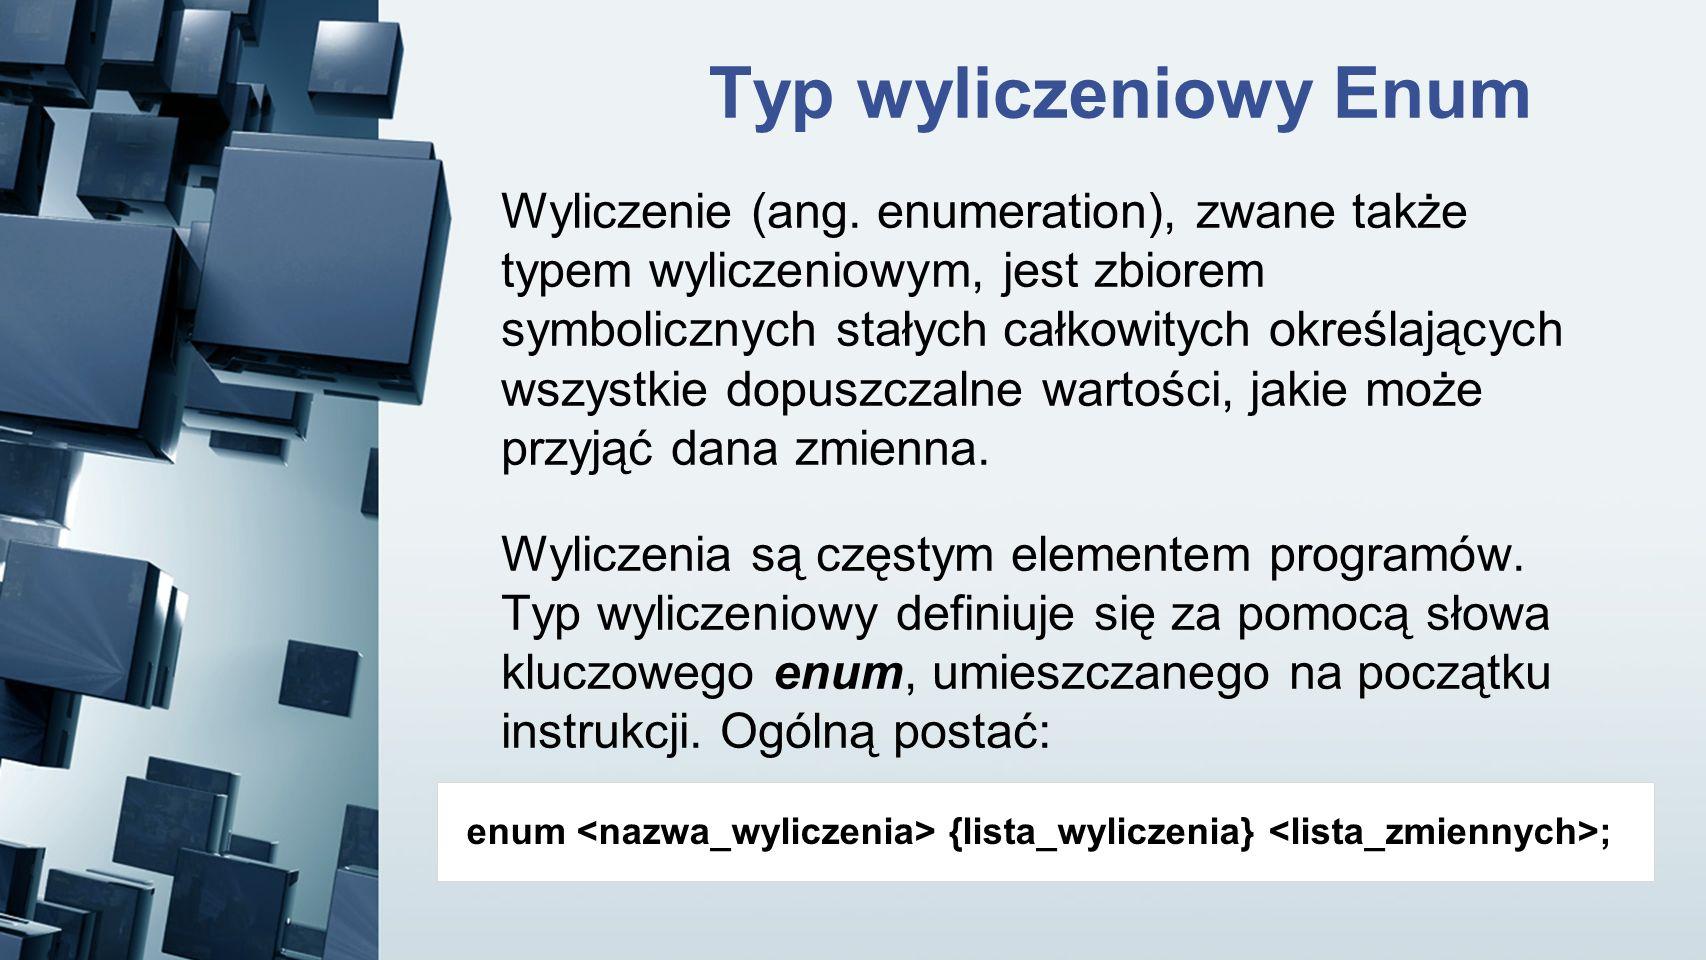 Wyliczenie (ang. enumeration), zwane także typem wyliczeniowym, jest zbiorem symbolicznych stałych całkowitych określających wszystkie dopuszczalne wa